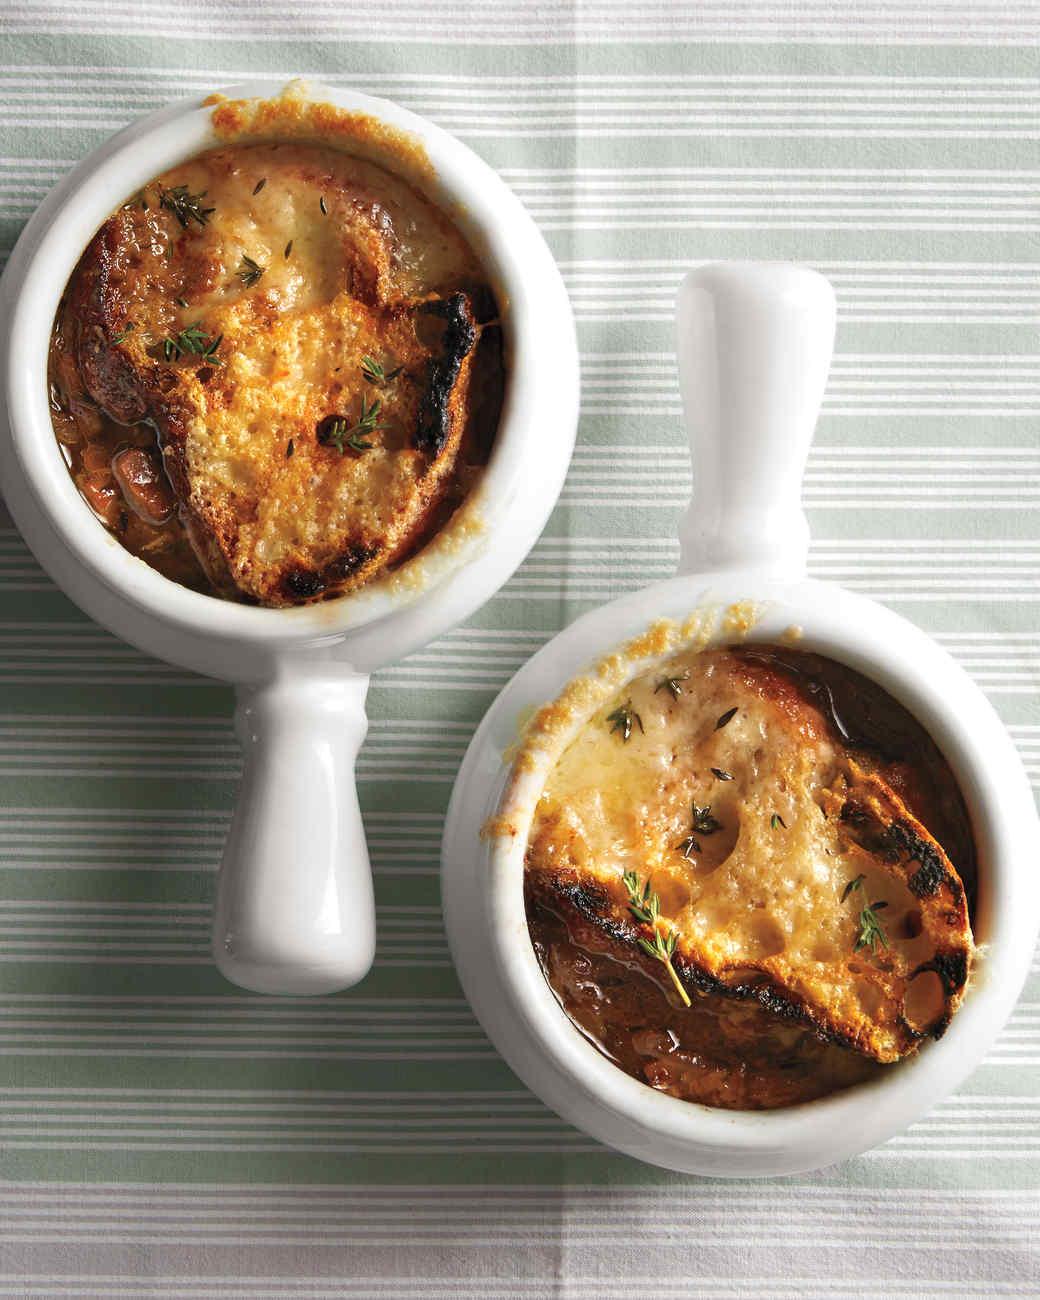 fr-onion-mshr-soup-md110878.jpg